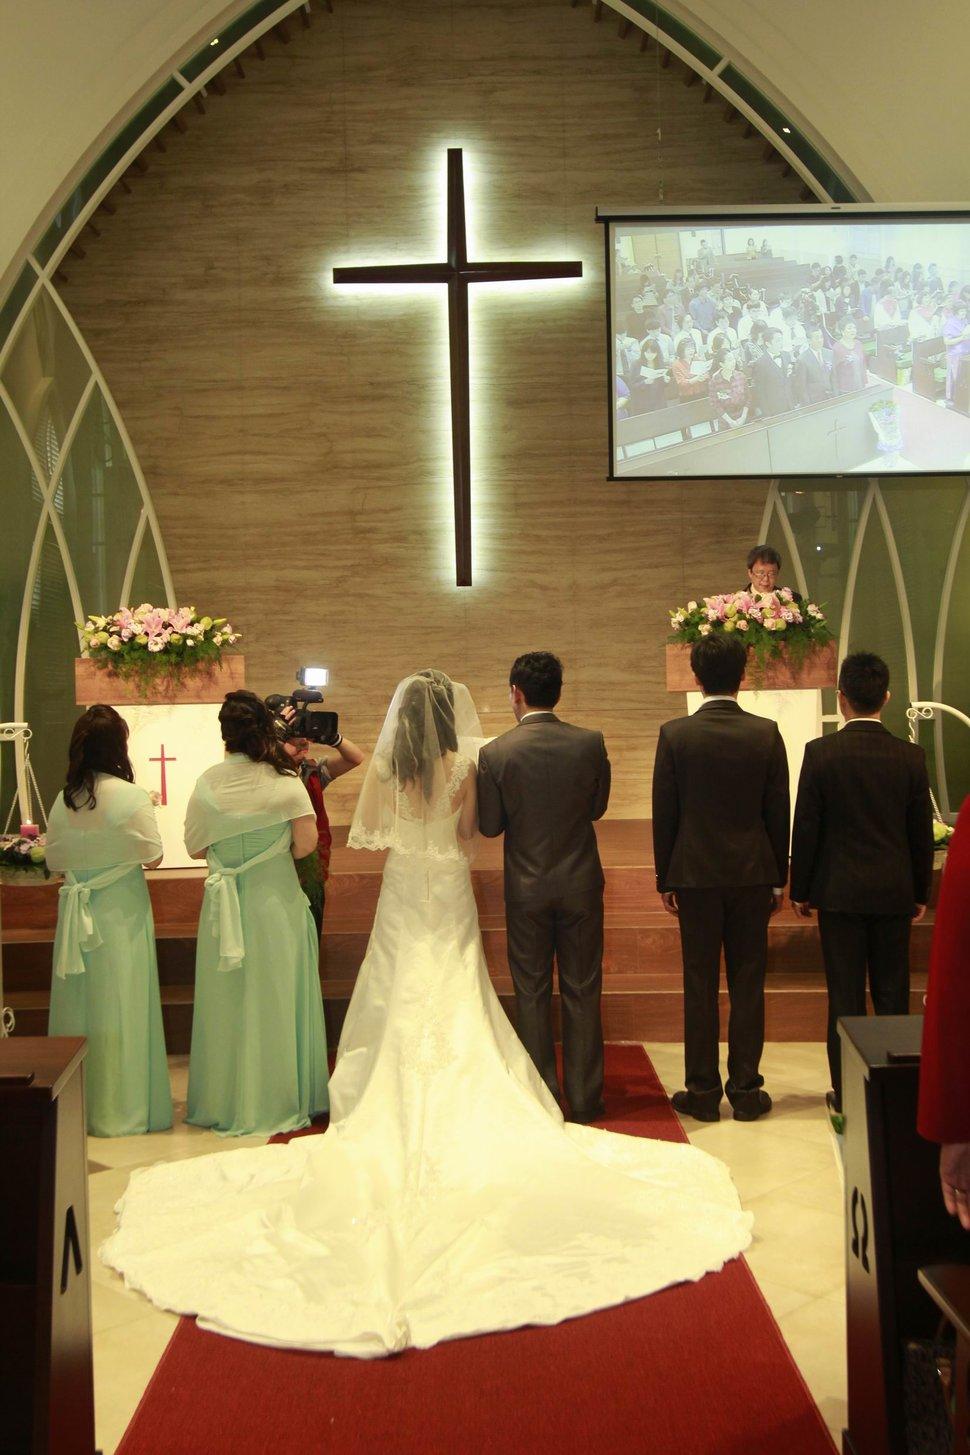 汐止那米哥餐廳婚宴會館餐廳婚攝j婚錄結婚迎娶婚禮記錄動態微電影錄影專業錄影平面攝影婚禮紀錄婚攝婚錄主持人(編號:280658) - 蜜月拍照10800錄影12800攝影團隊 - 結婚吧